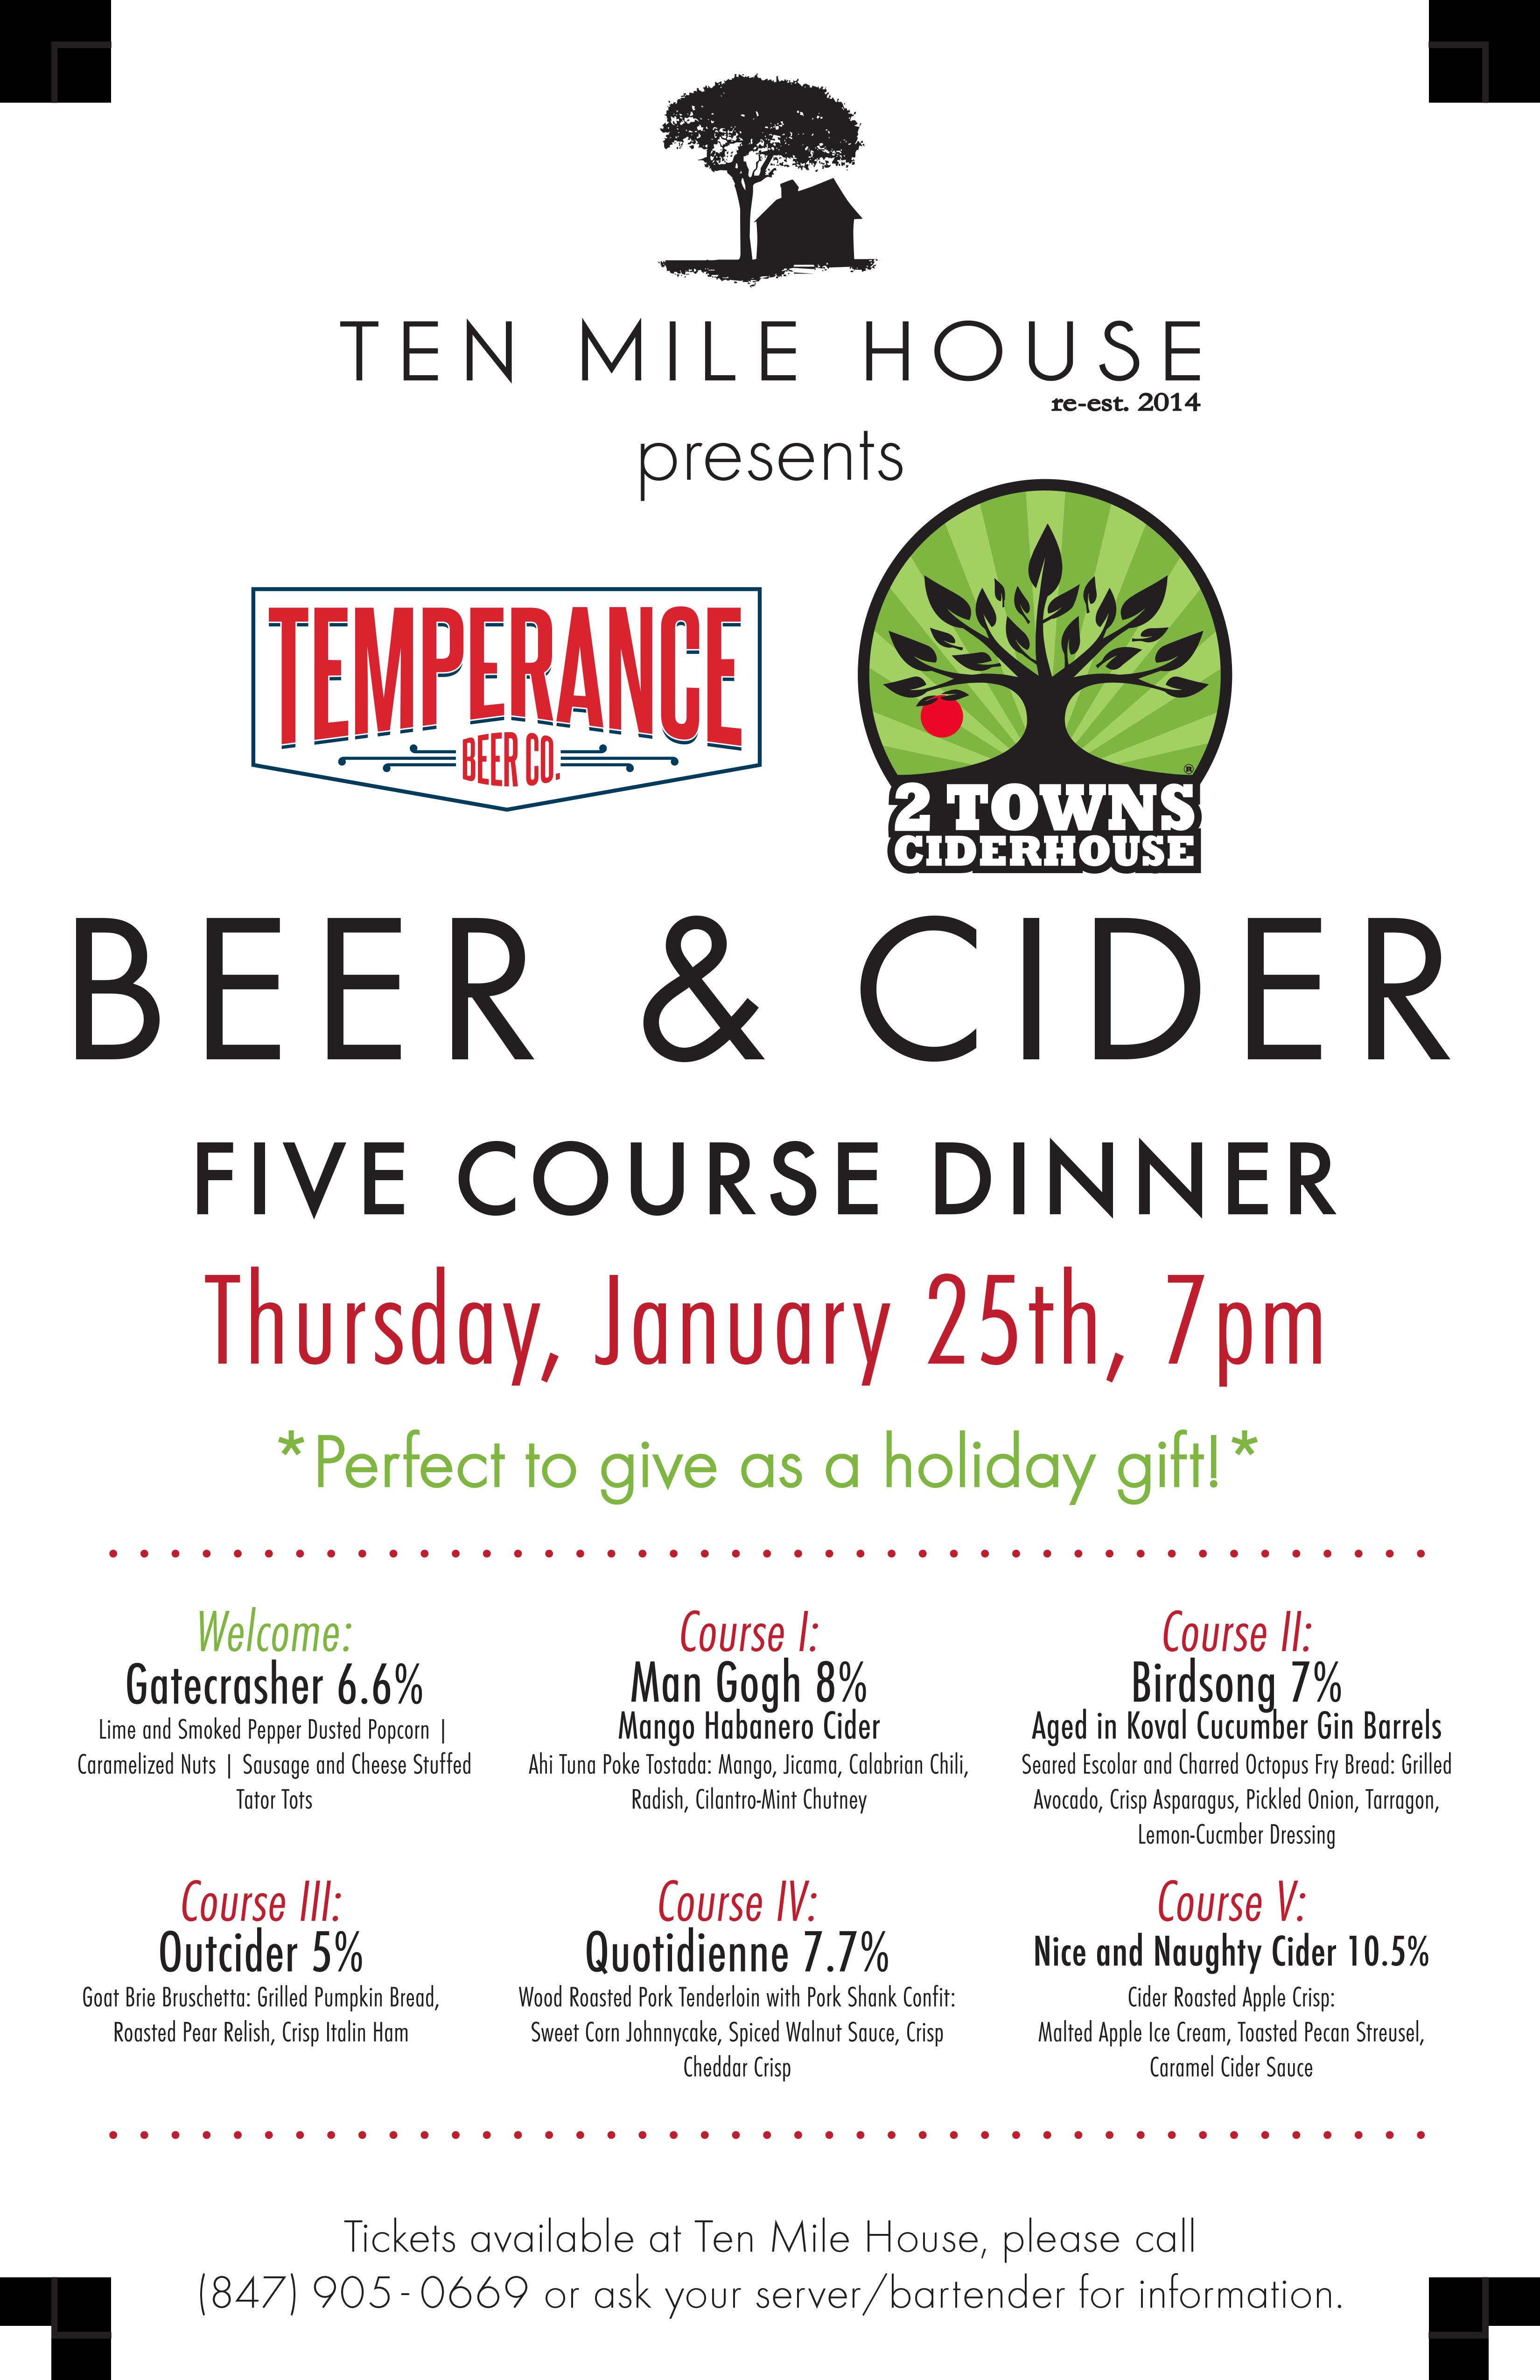 Ten Mile House beer cider dinner 1